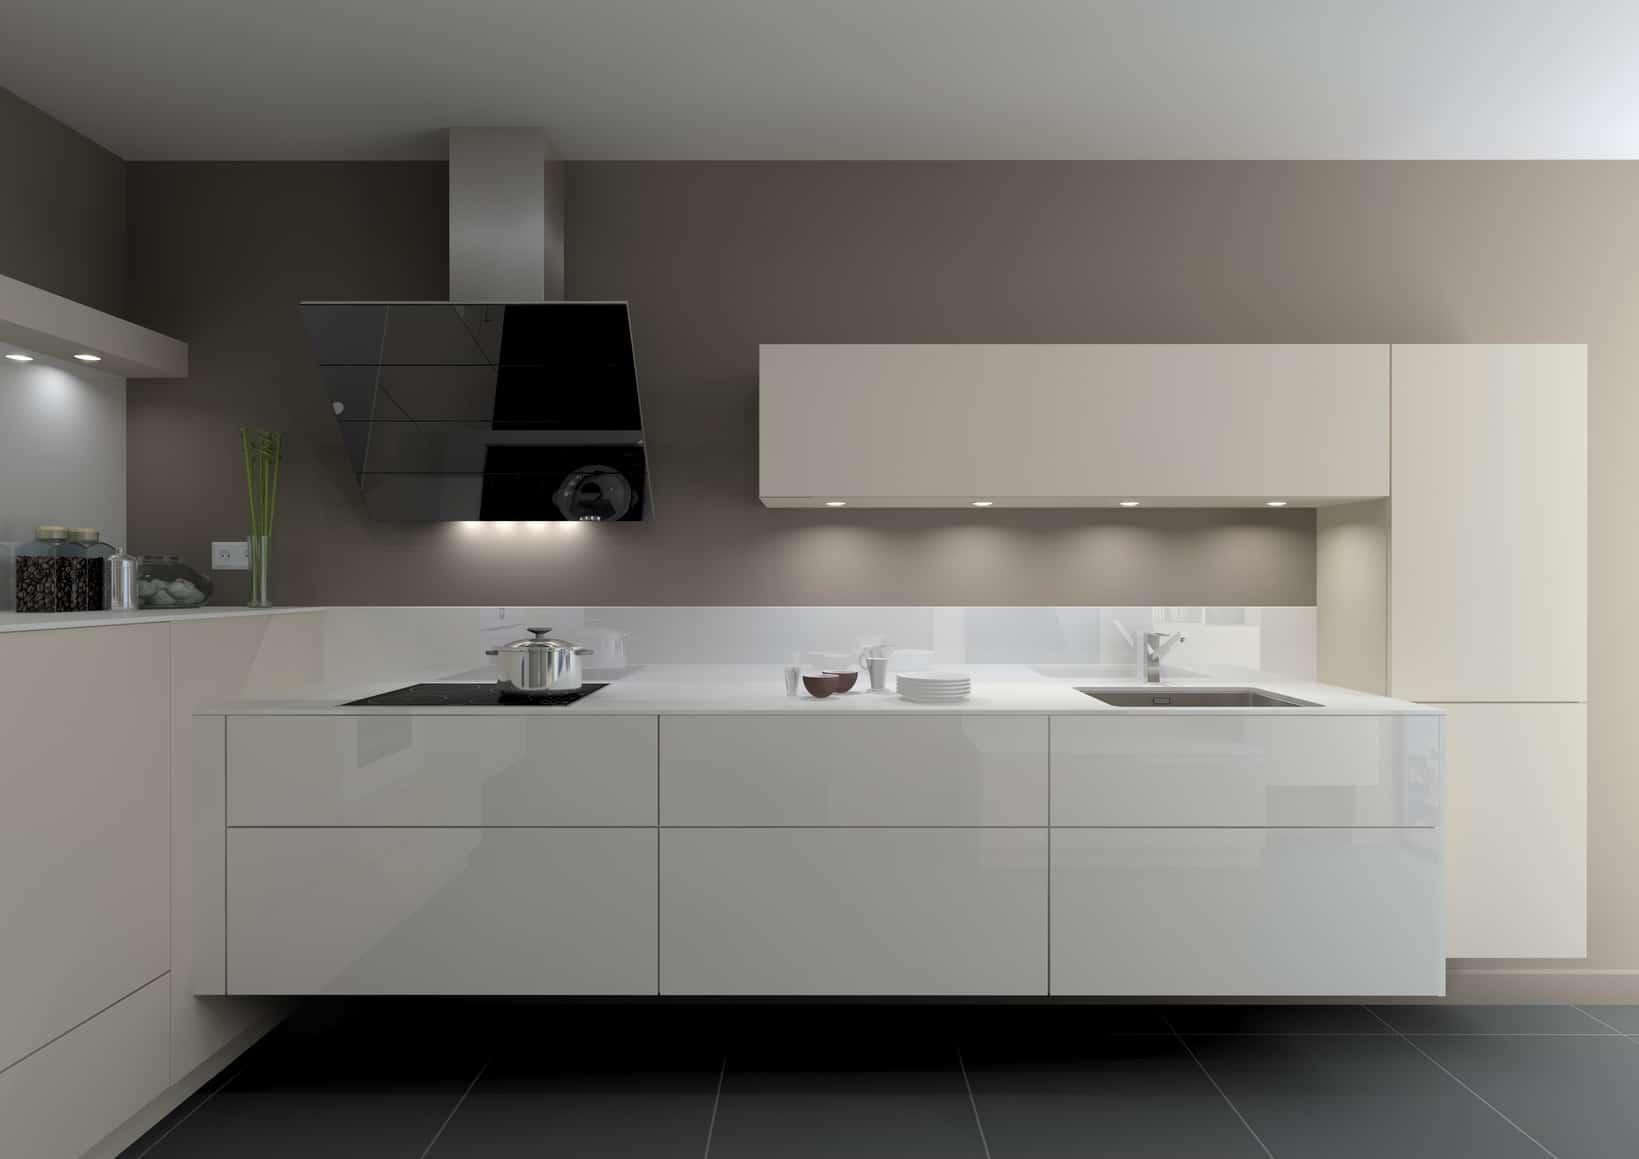 Comment nettoyer une cuisine laque moderne cuisine by Comment nettoyer meuble cuisine mat